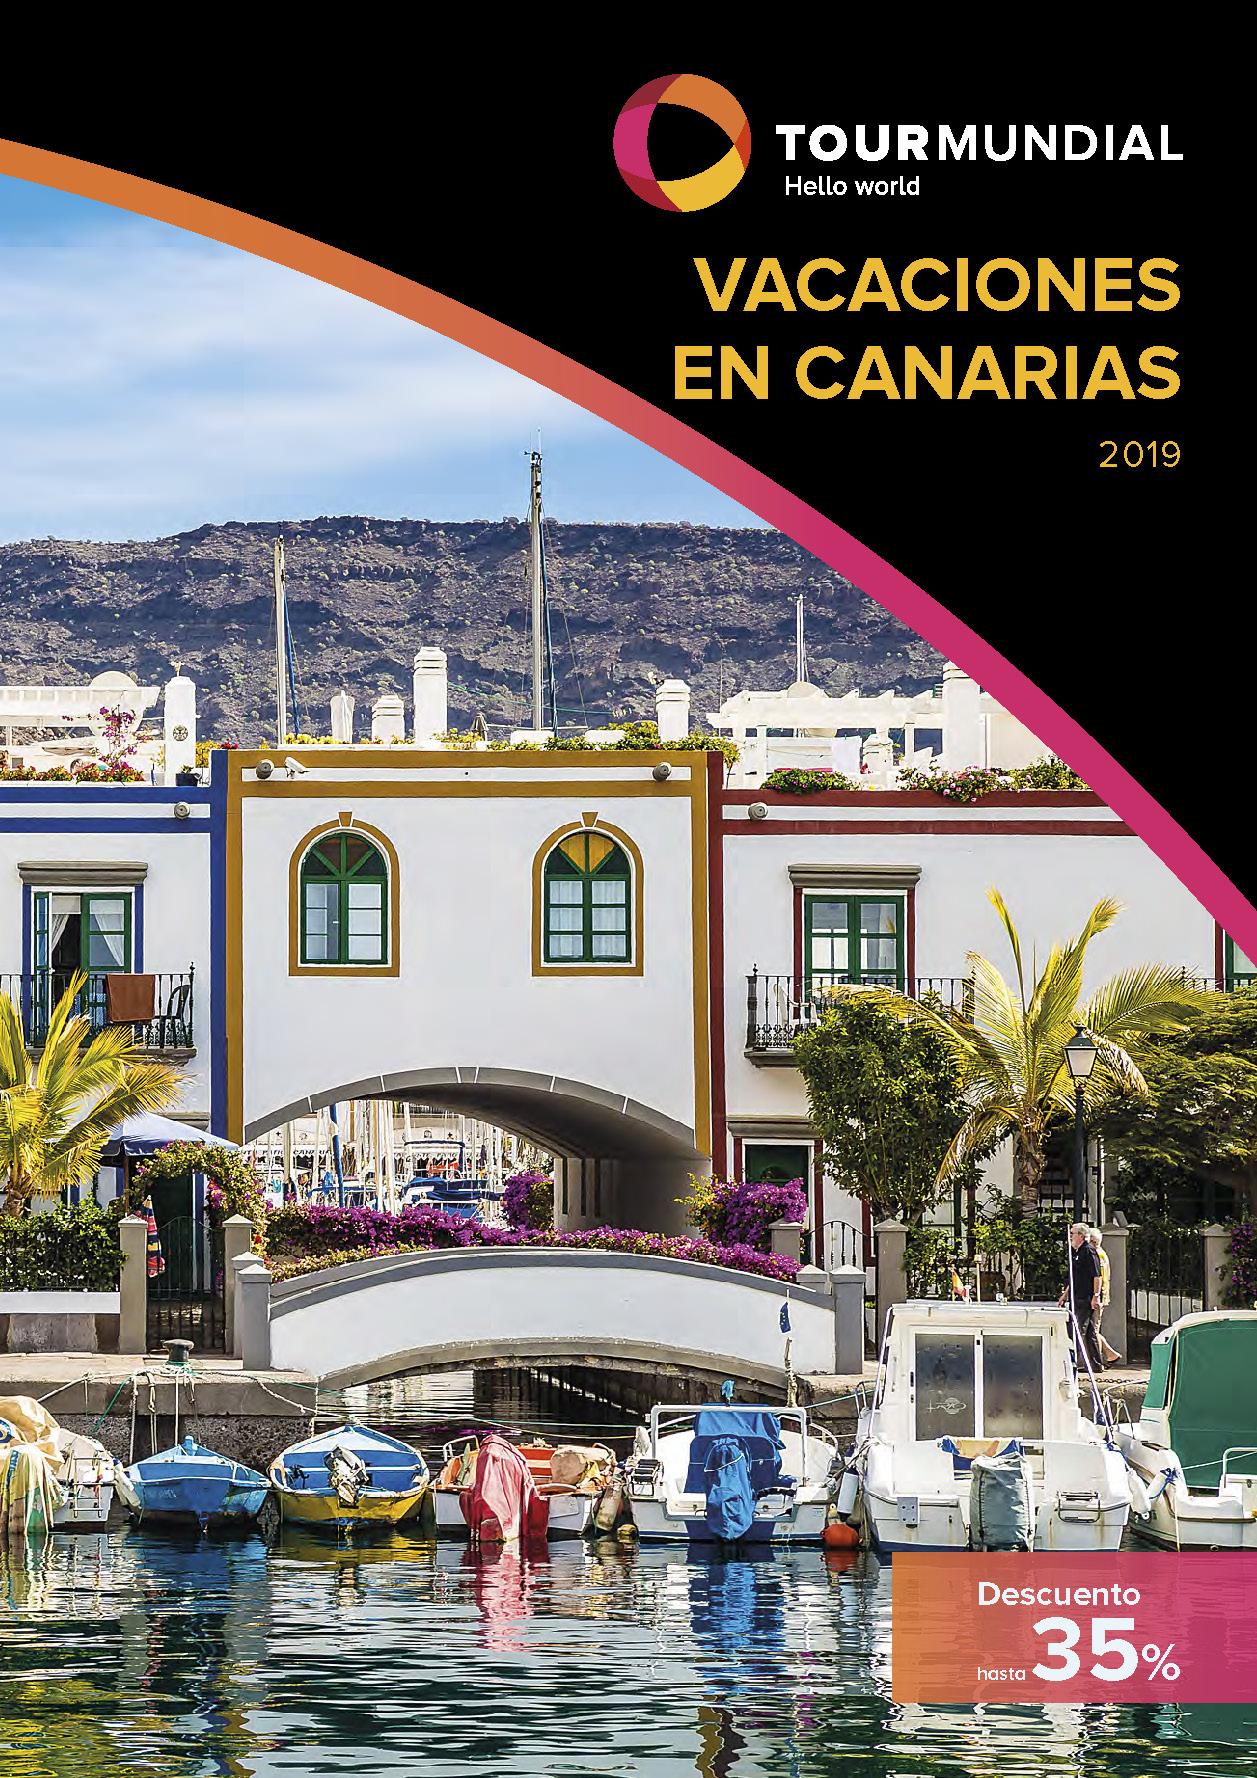 Catalogo Tourmundial Vacaciones en Canarias 2019